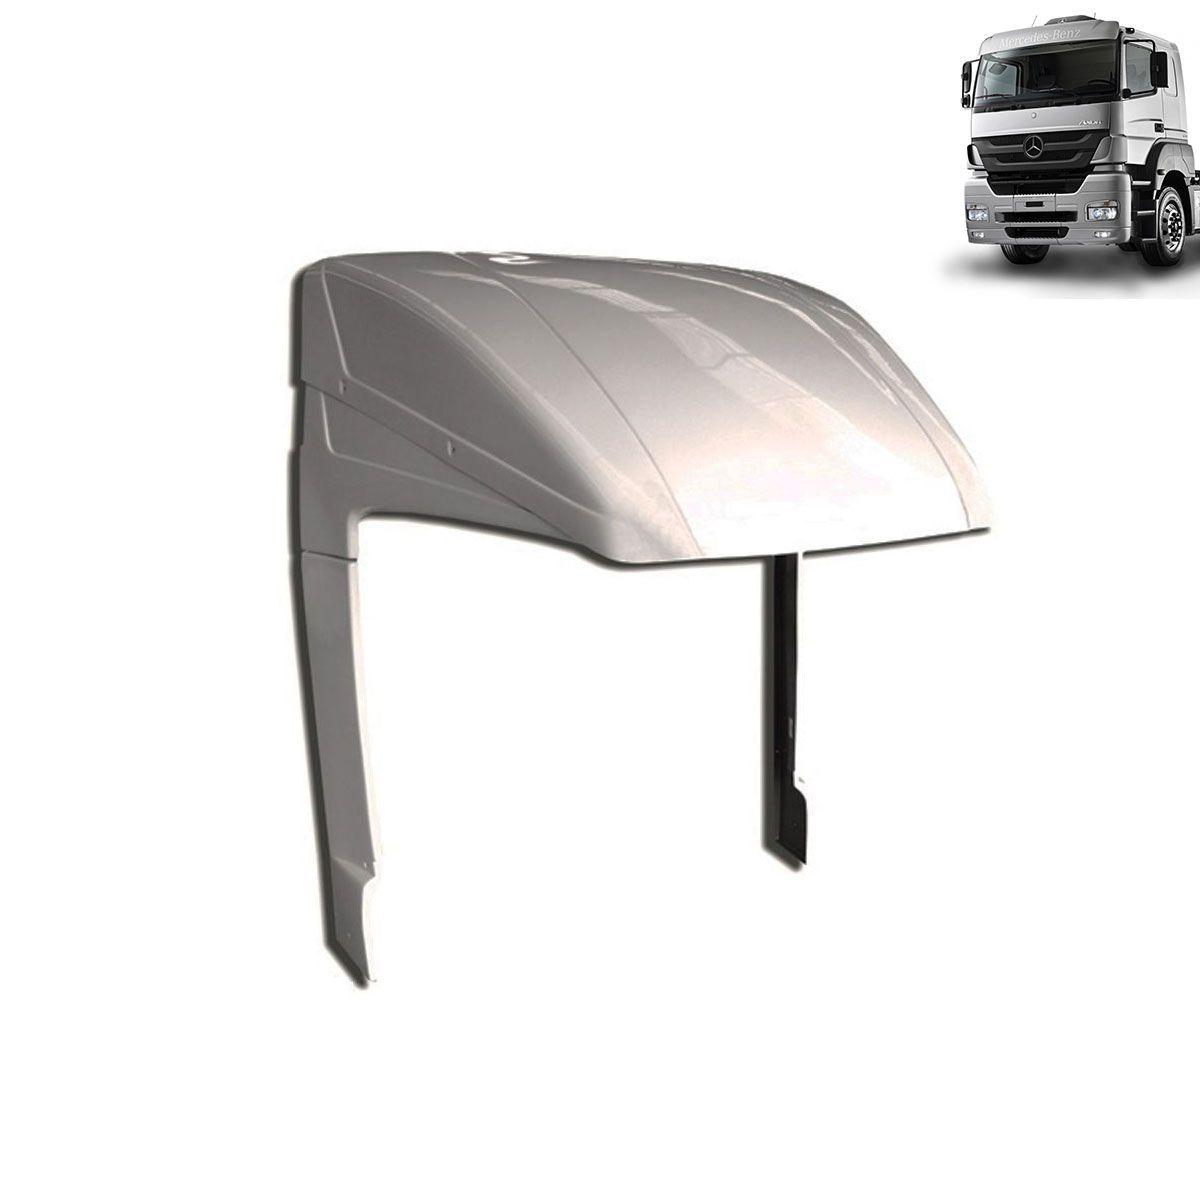 Defletor de Ar Mercedes-Benz Axor Cabine Baixa Completo Com Regulagem